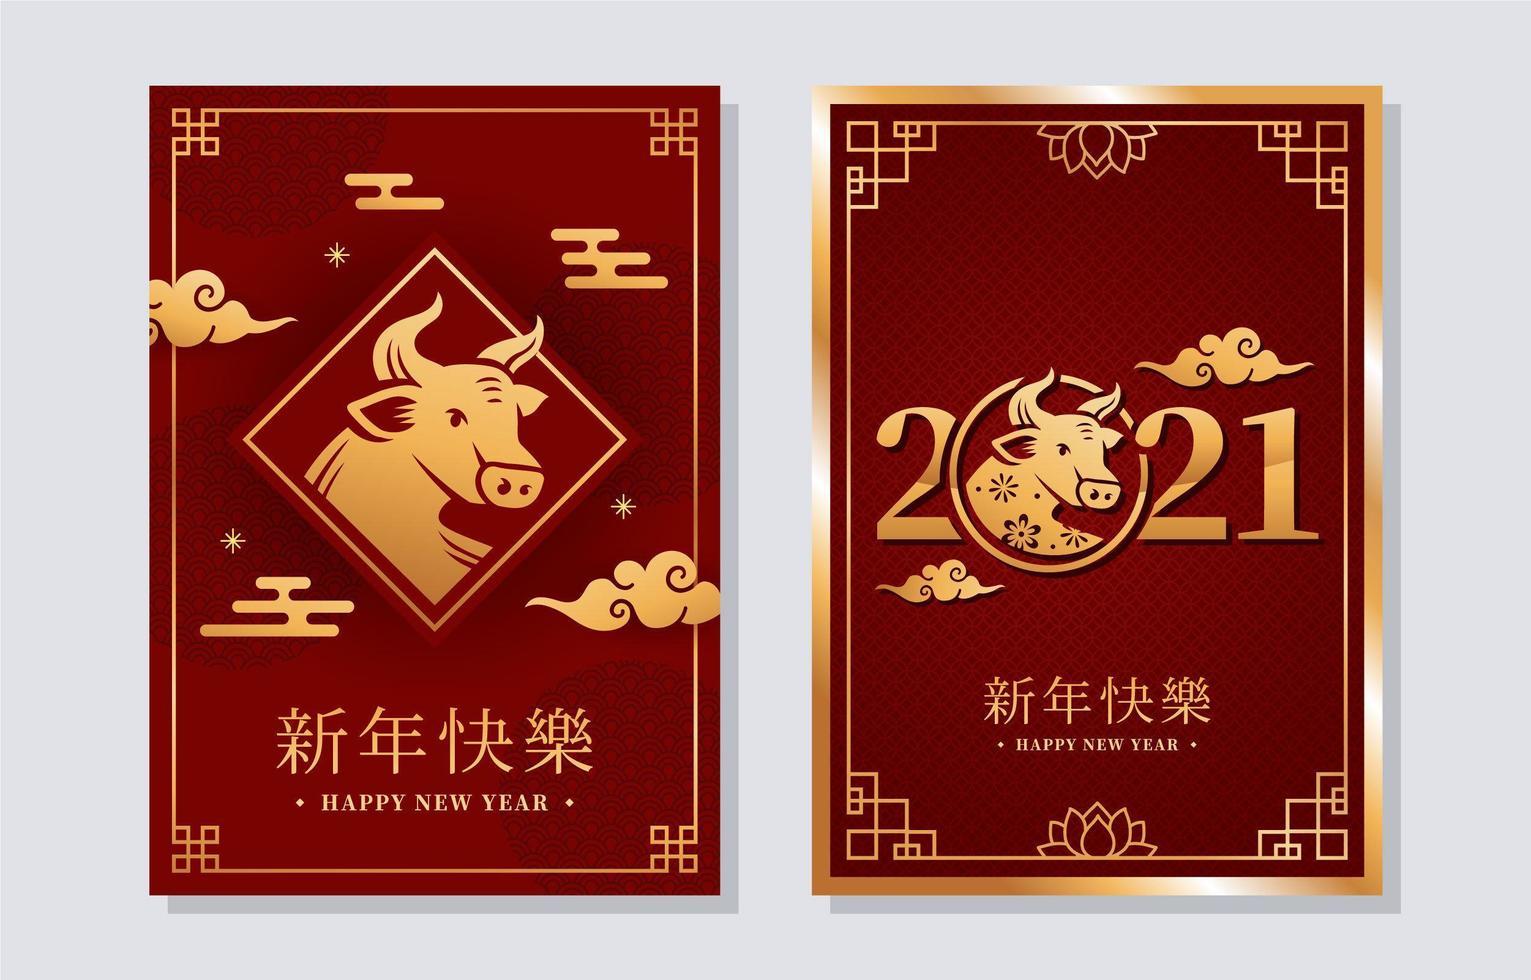 cartão comemorativo do ano novo chinês boi dourado vetor